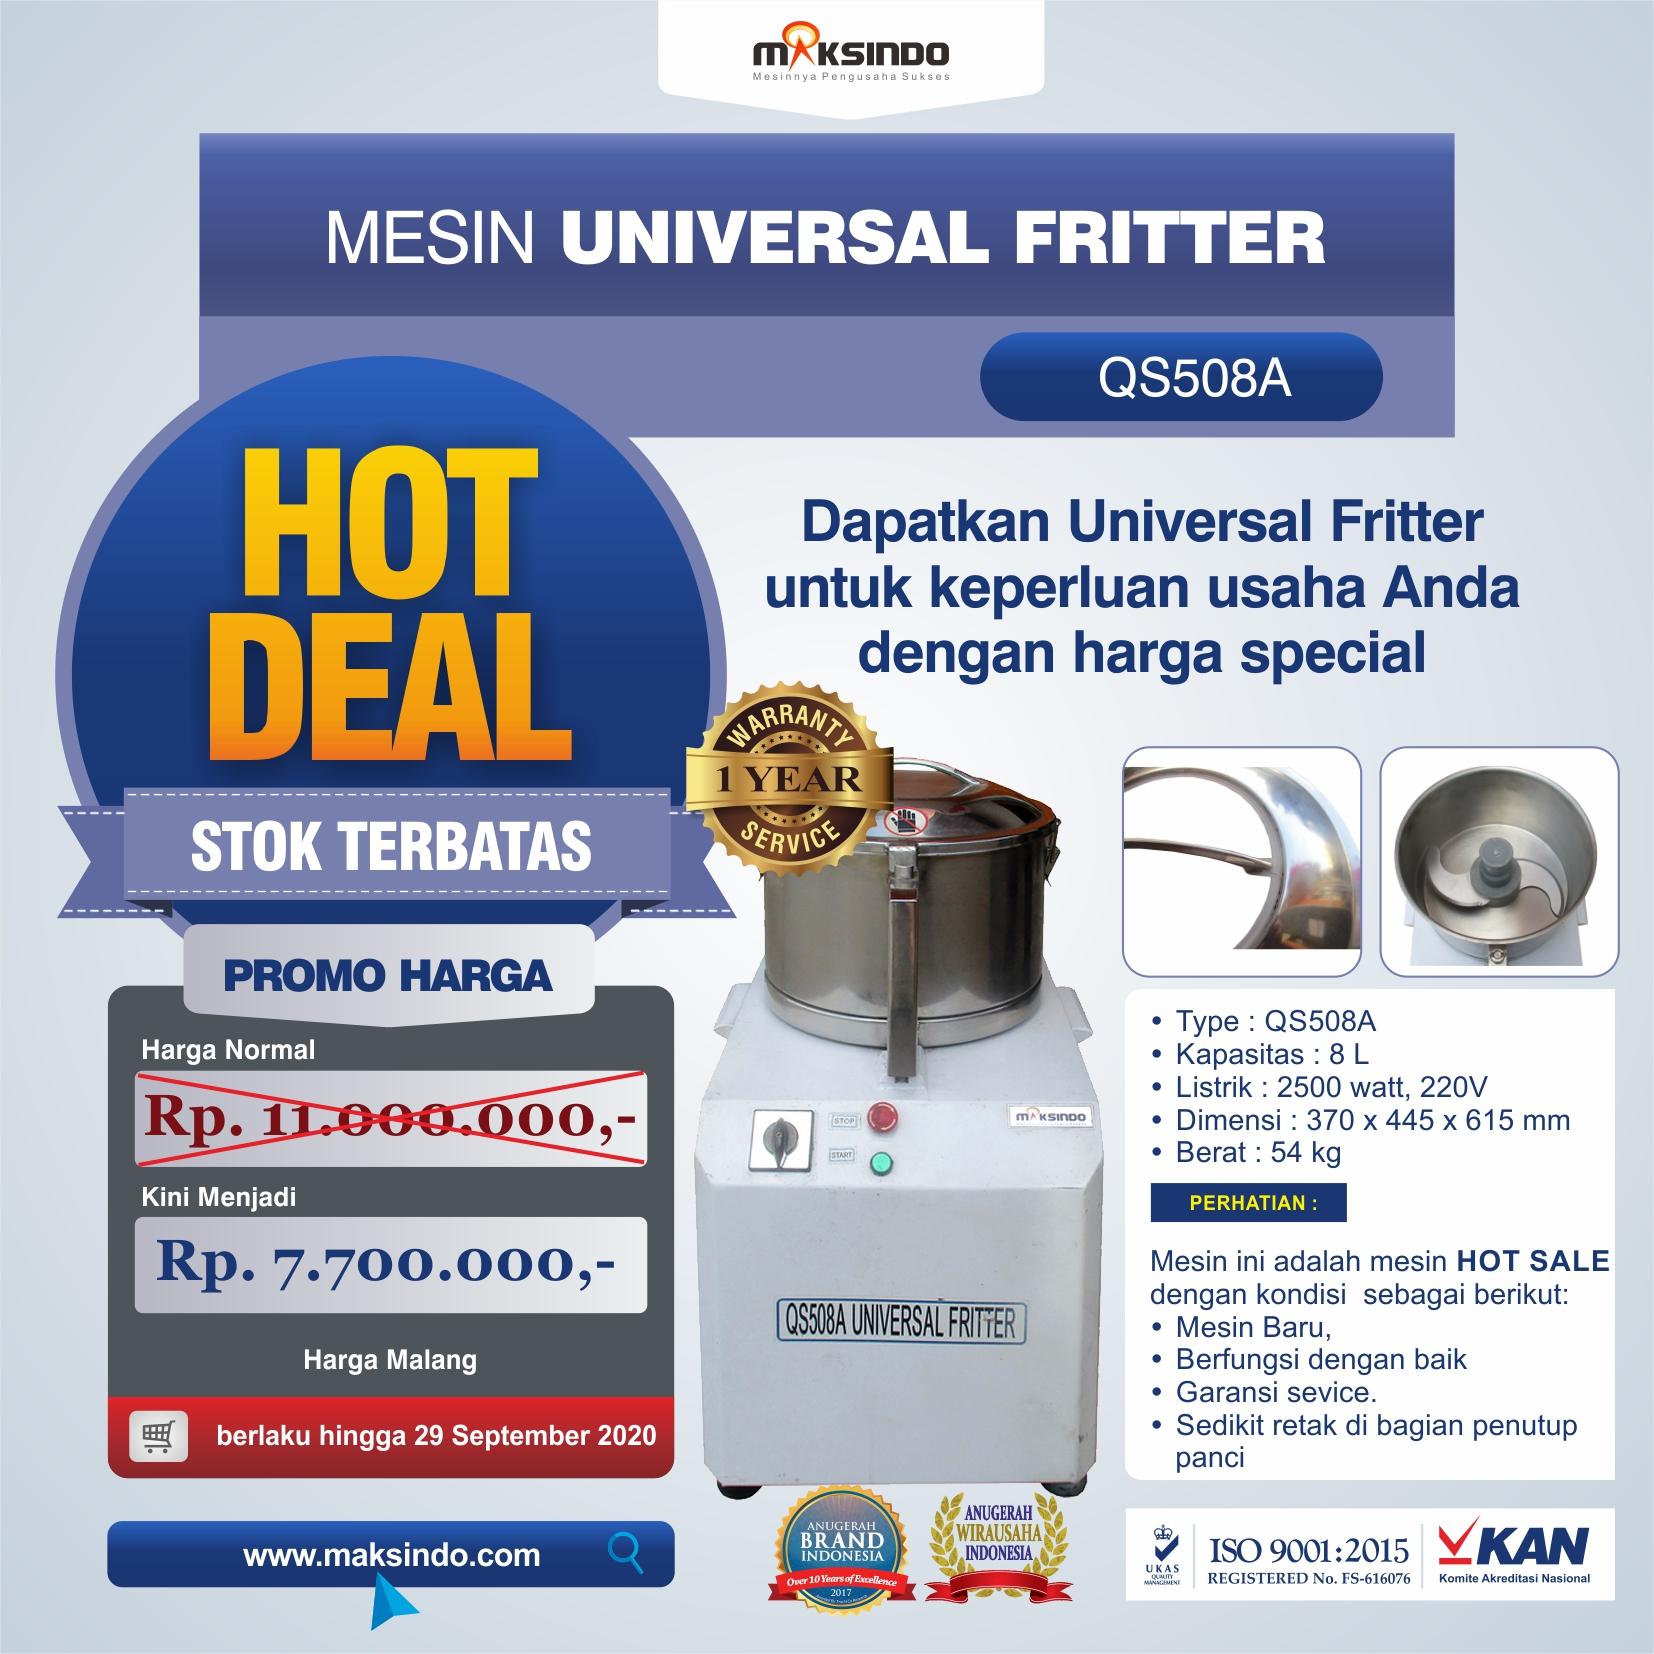 Jual Mesin Universal Fritter QS508A di Yogyakarta